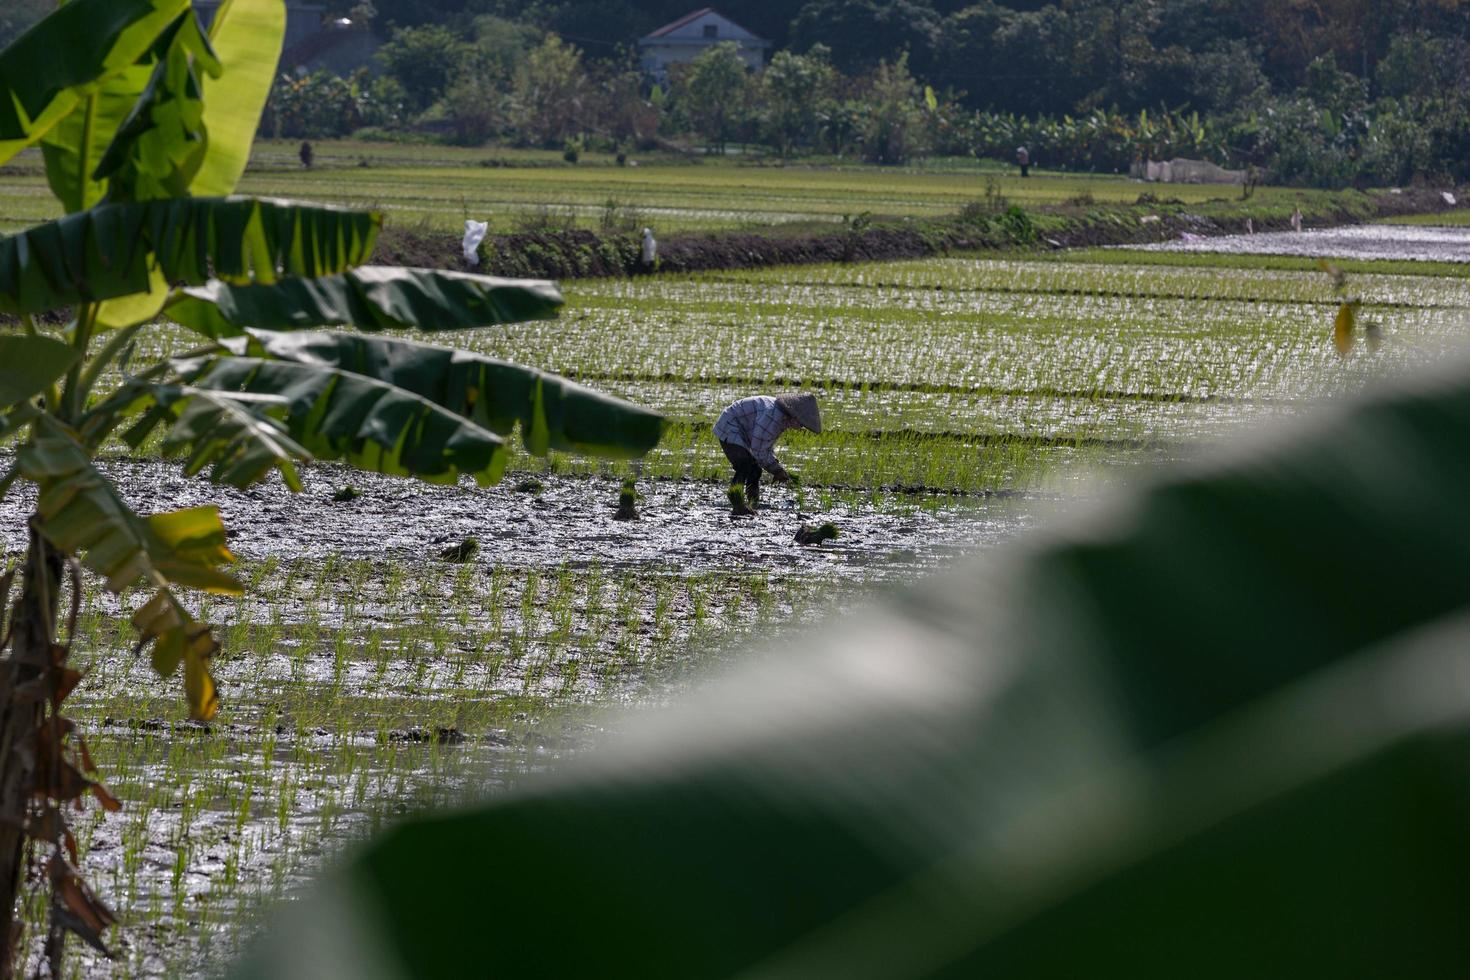 thanh pho ninh binh, vietnam, 2017- una mujer plantando arroz en un campo foto